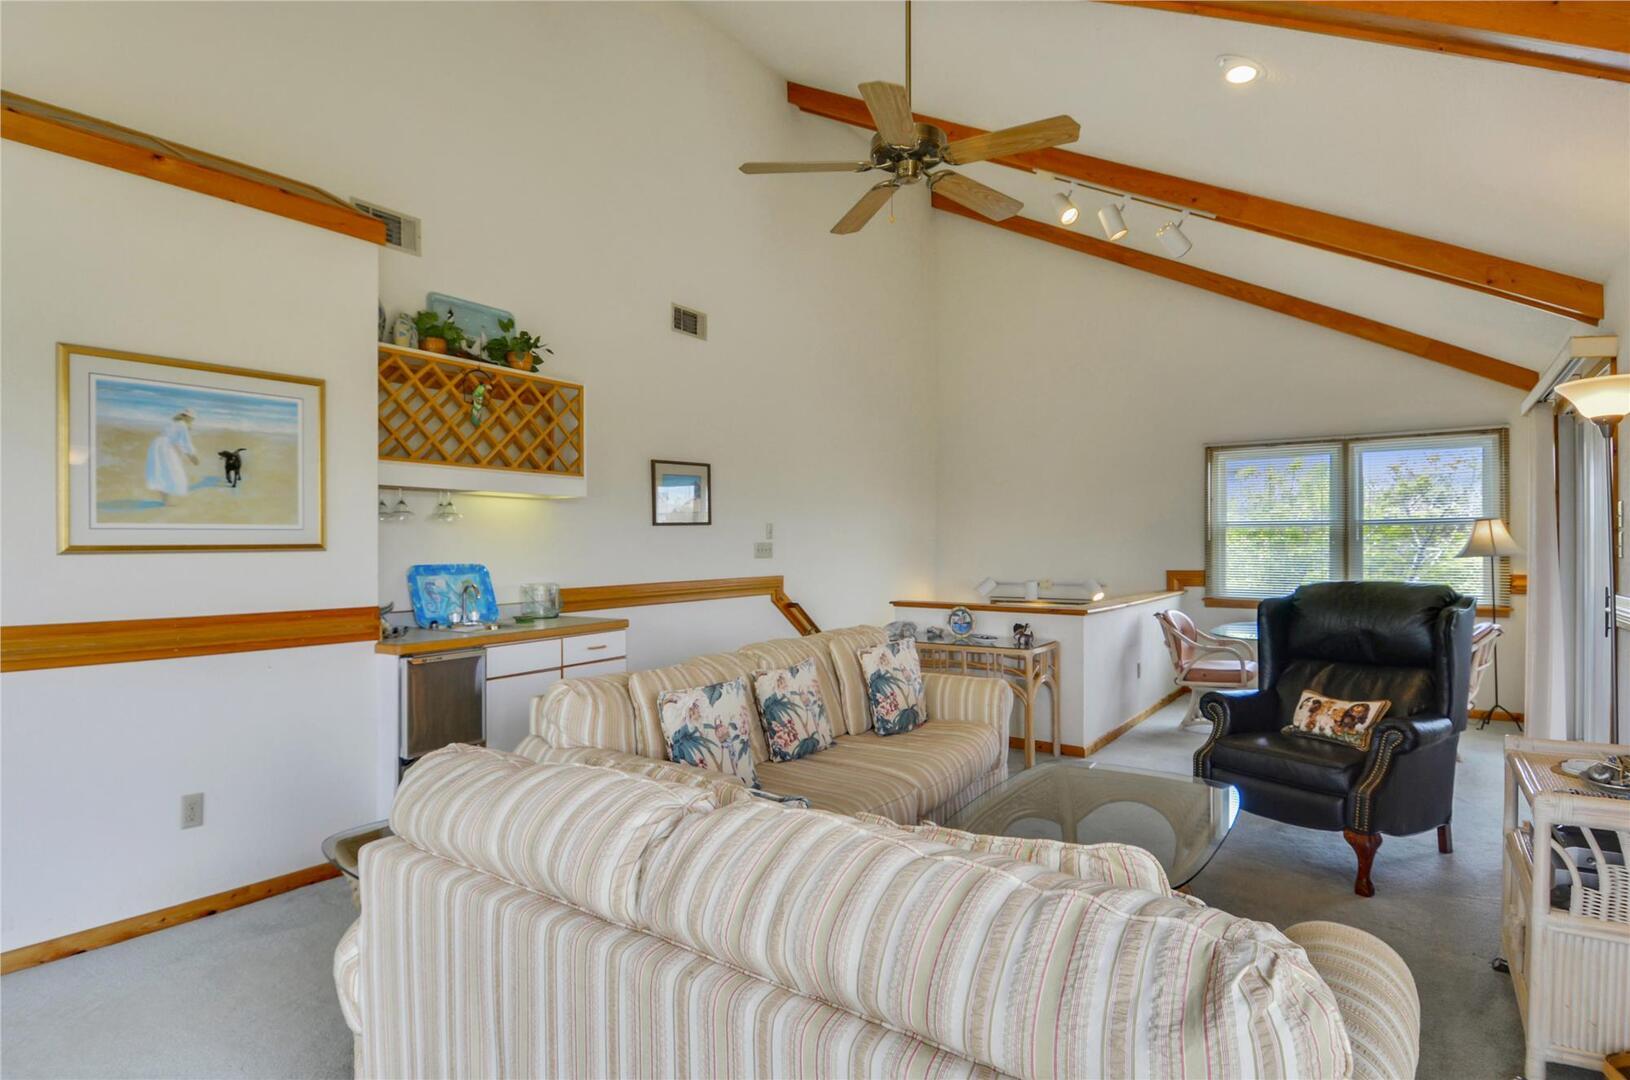 Main/Upper Level,Lounge Area,